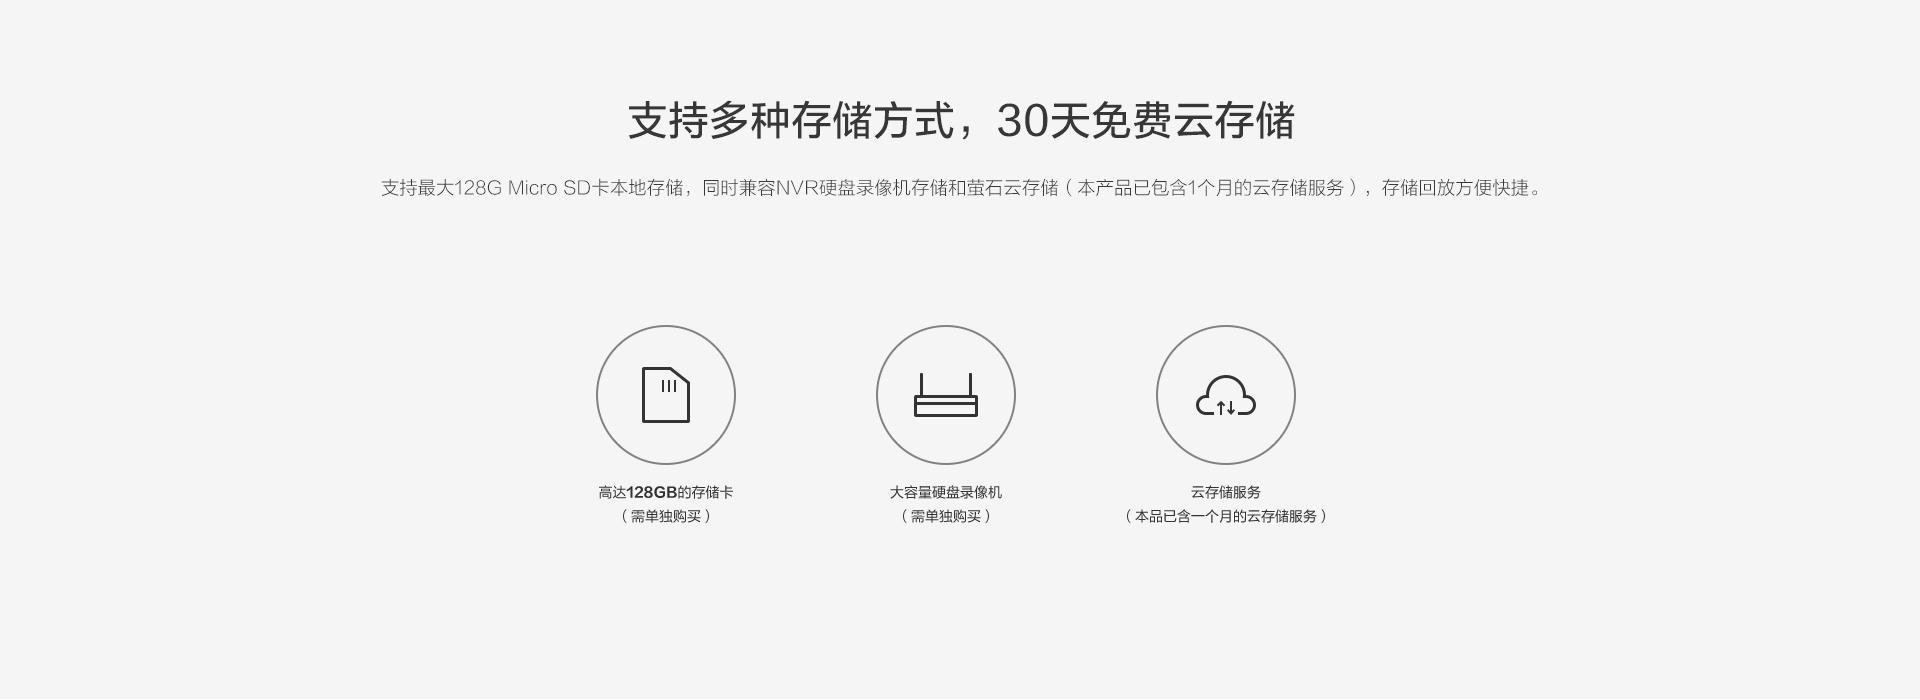 C1HC互联网摄像机-YS-C1HC-10